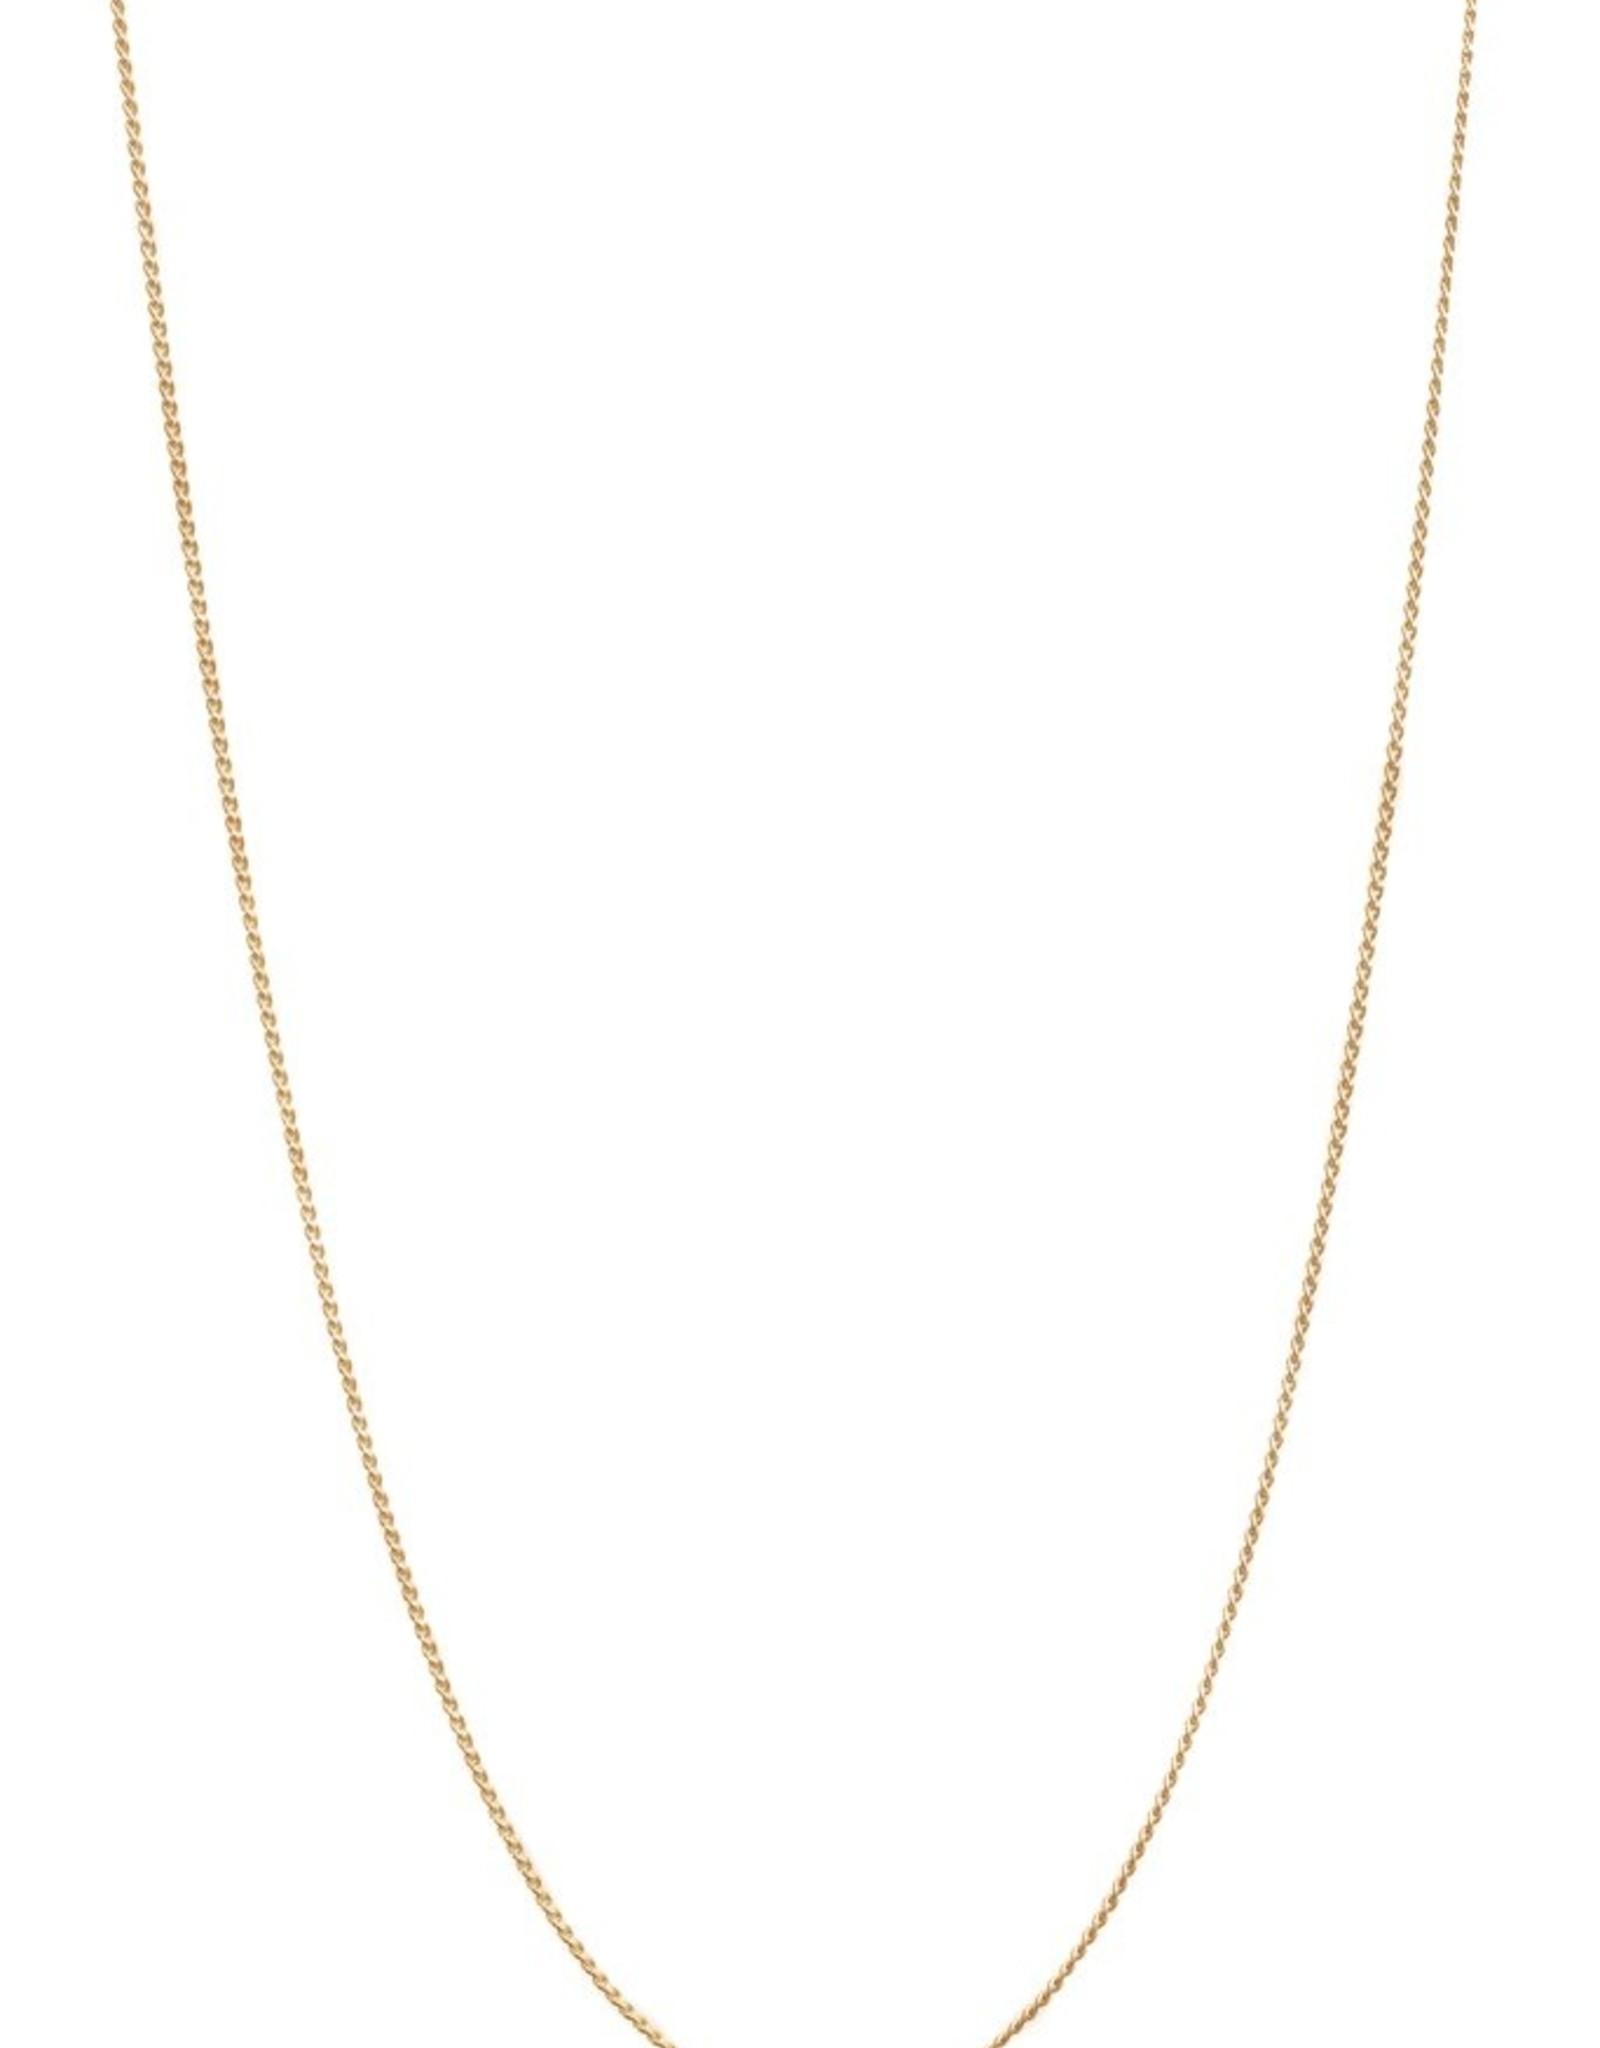 Lisbeth Miller Necklace